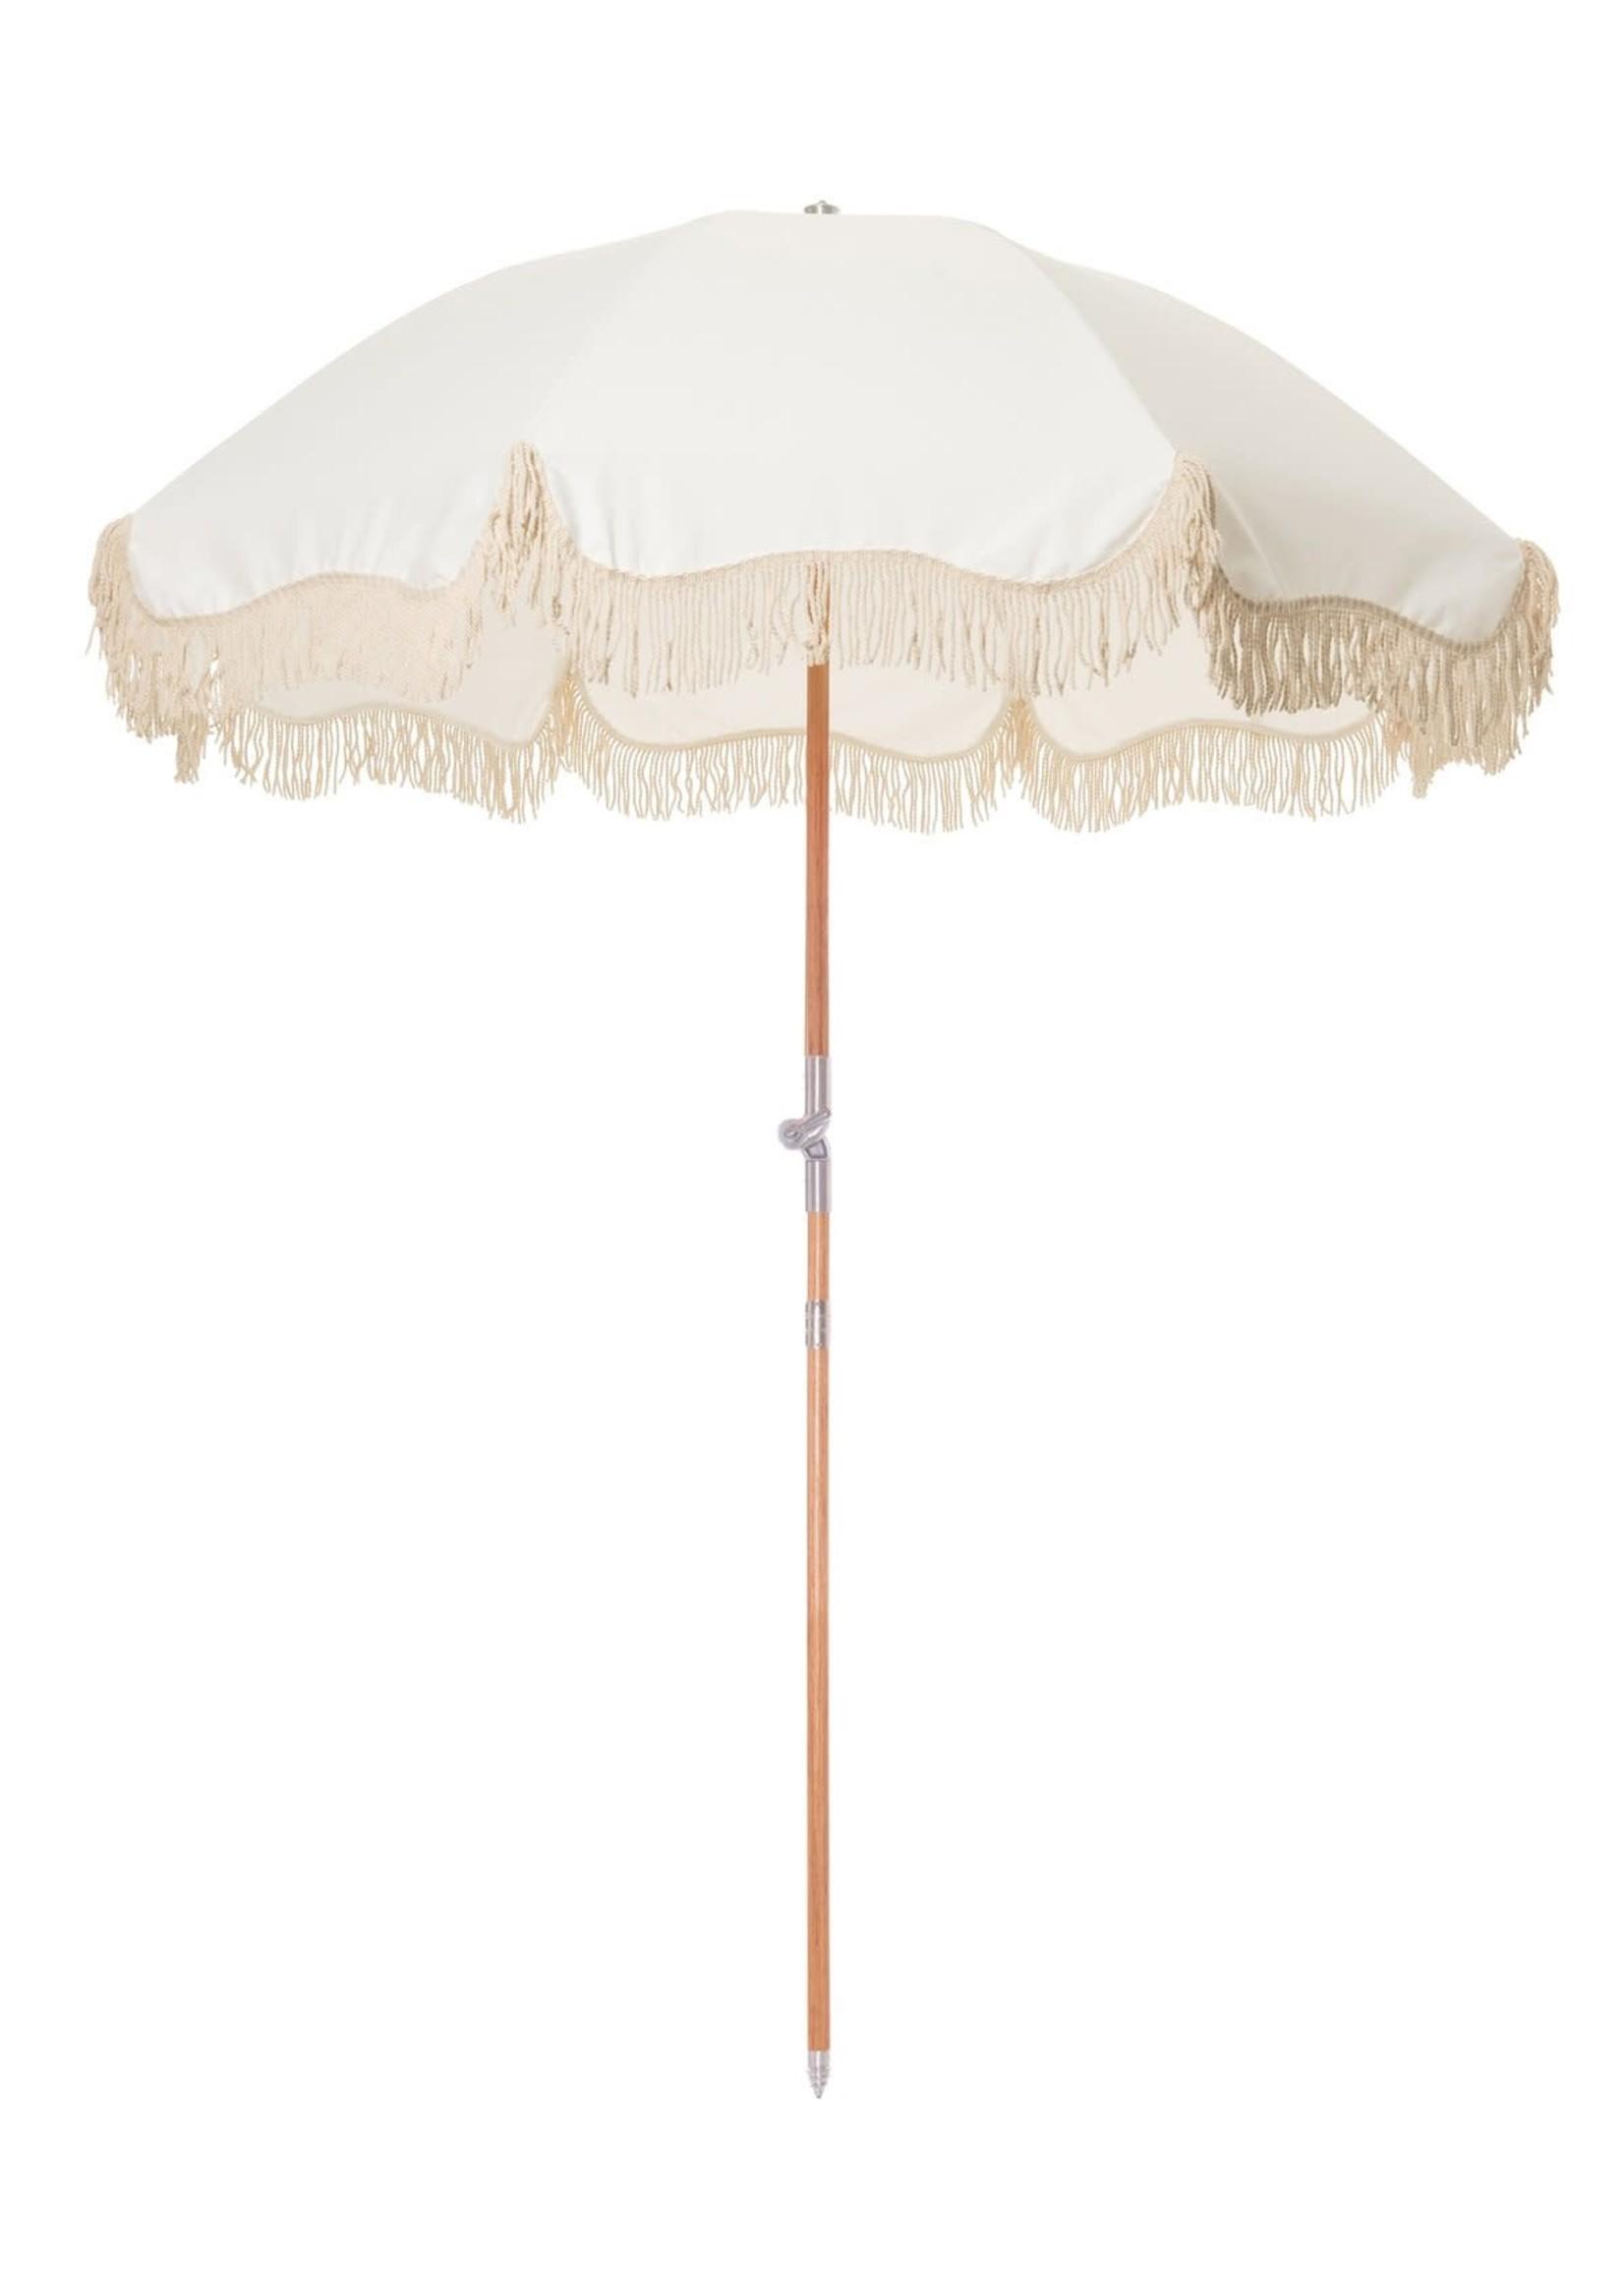 Premium Beach Umbrella - Antique White